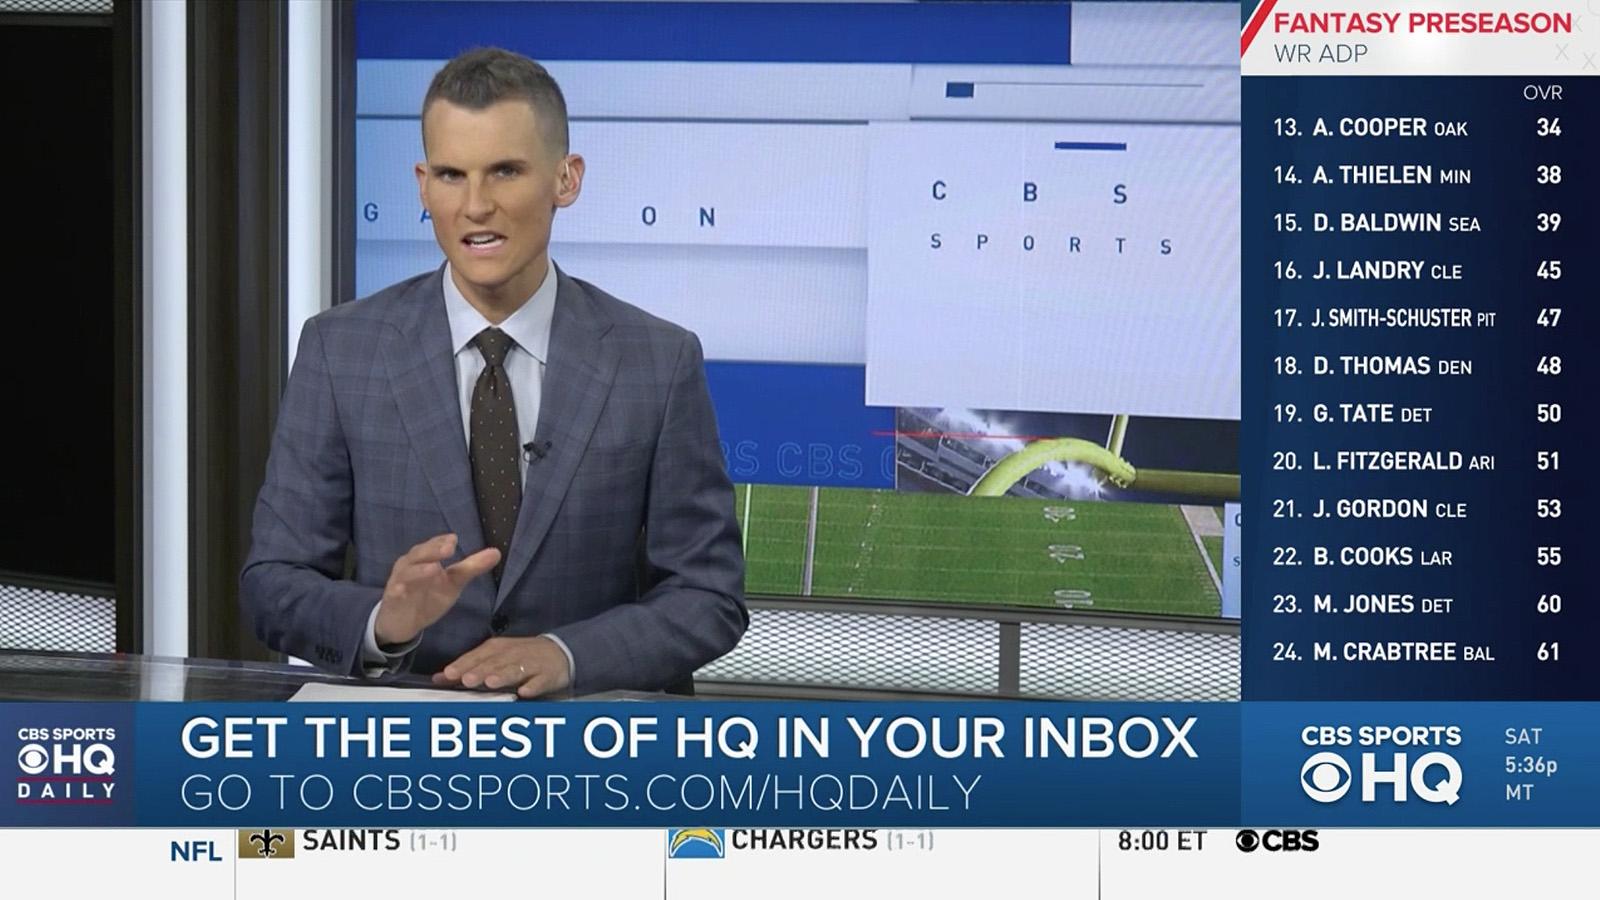 ncs_CBS-Sports-HQ_0026